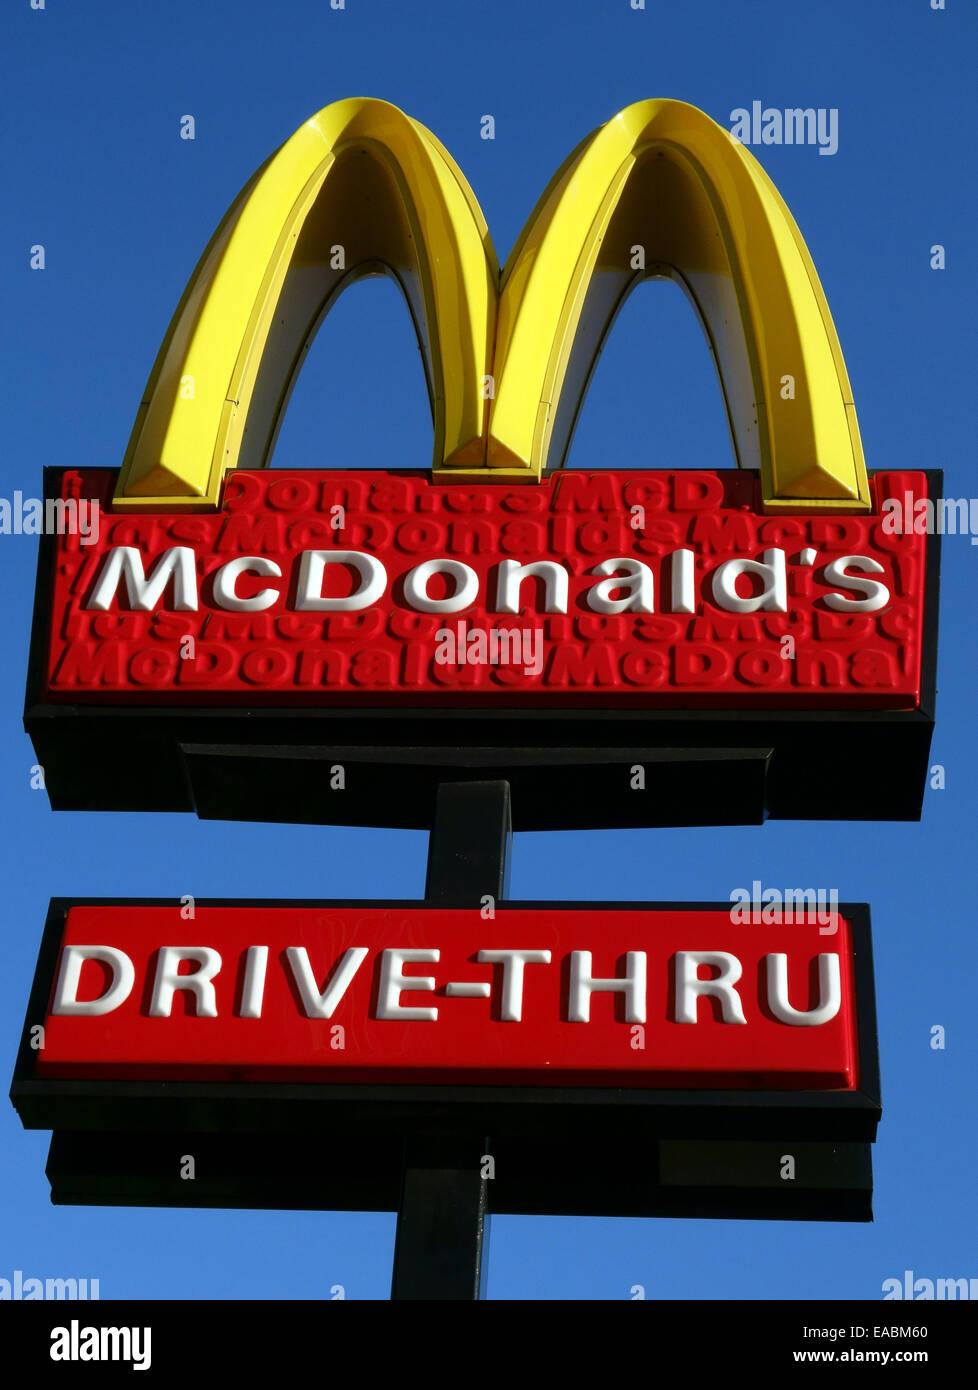 Mcdonalds coupons drive thru